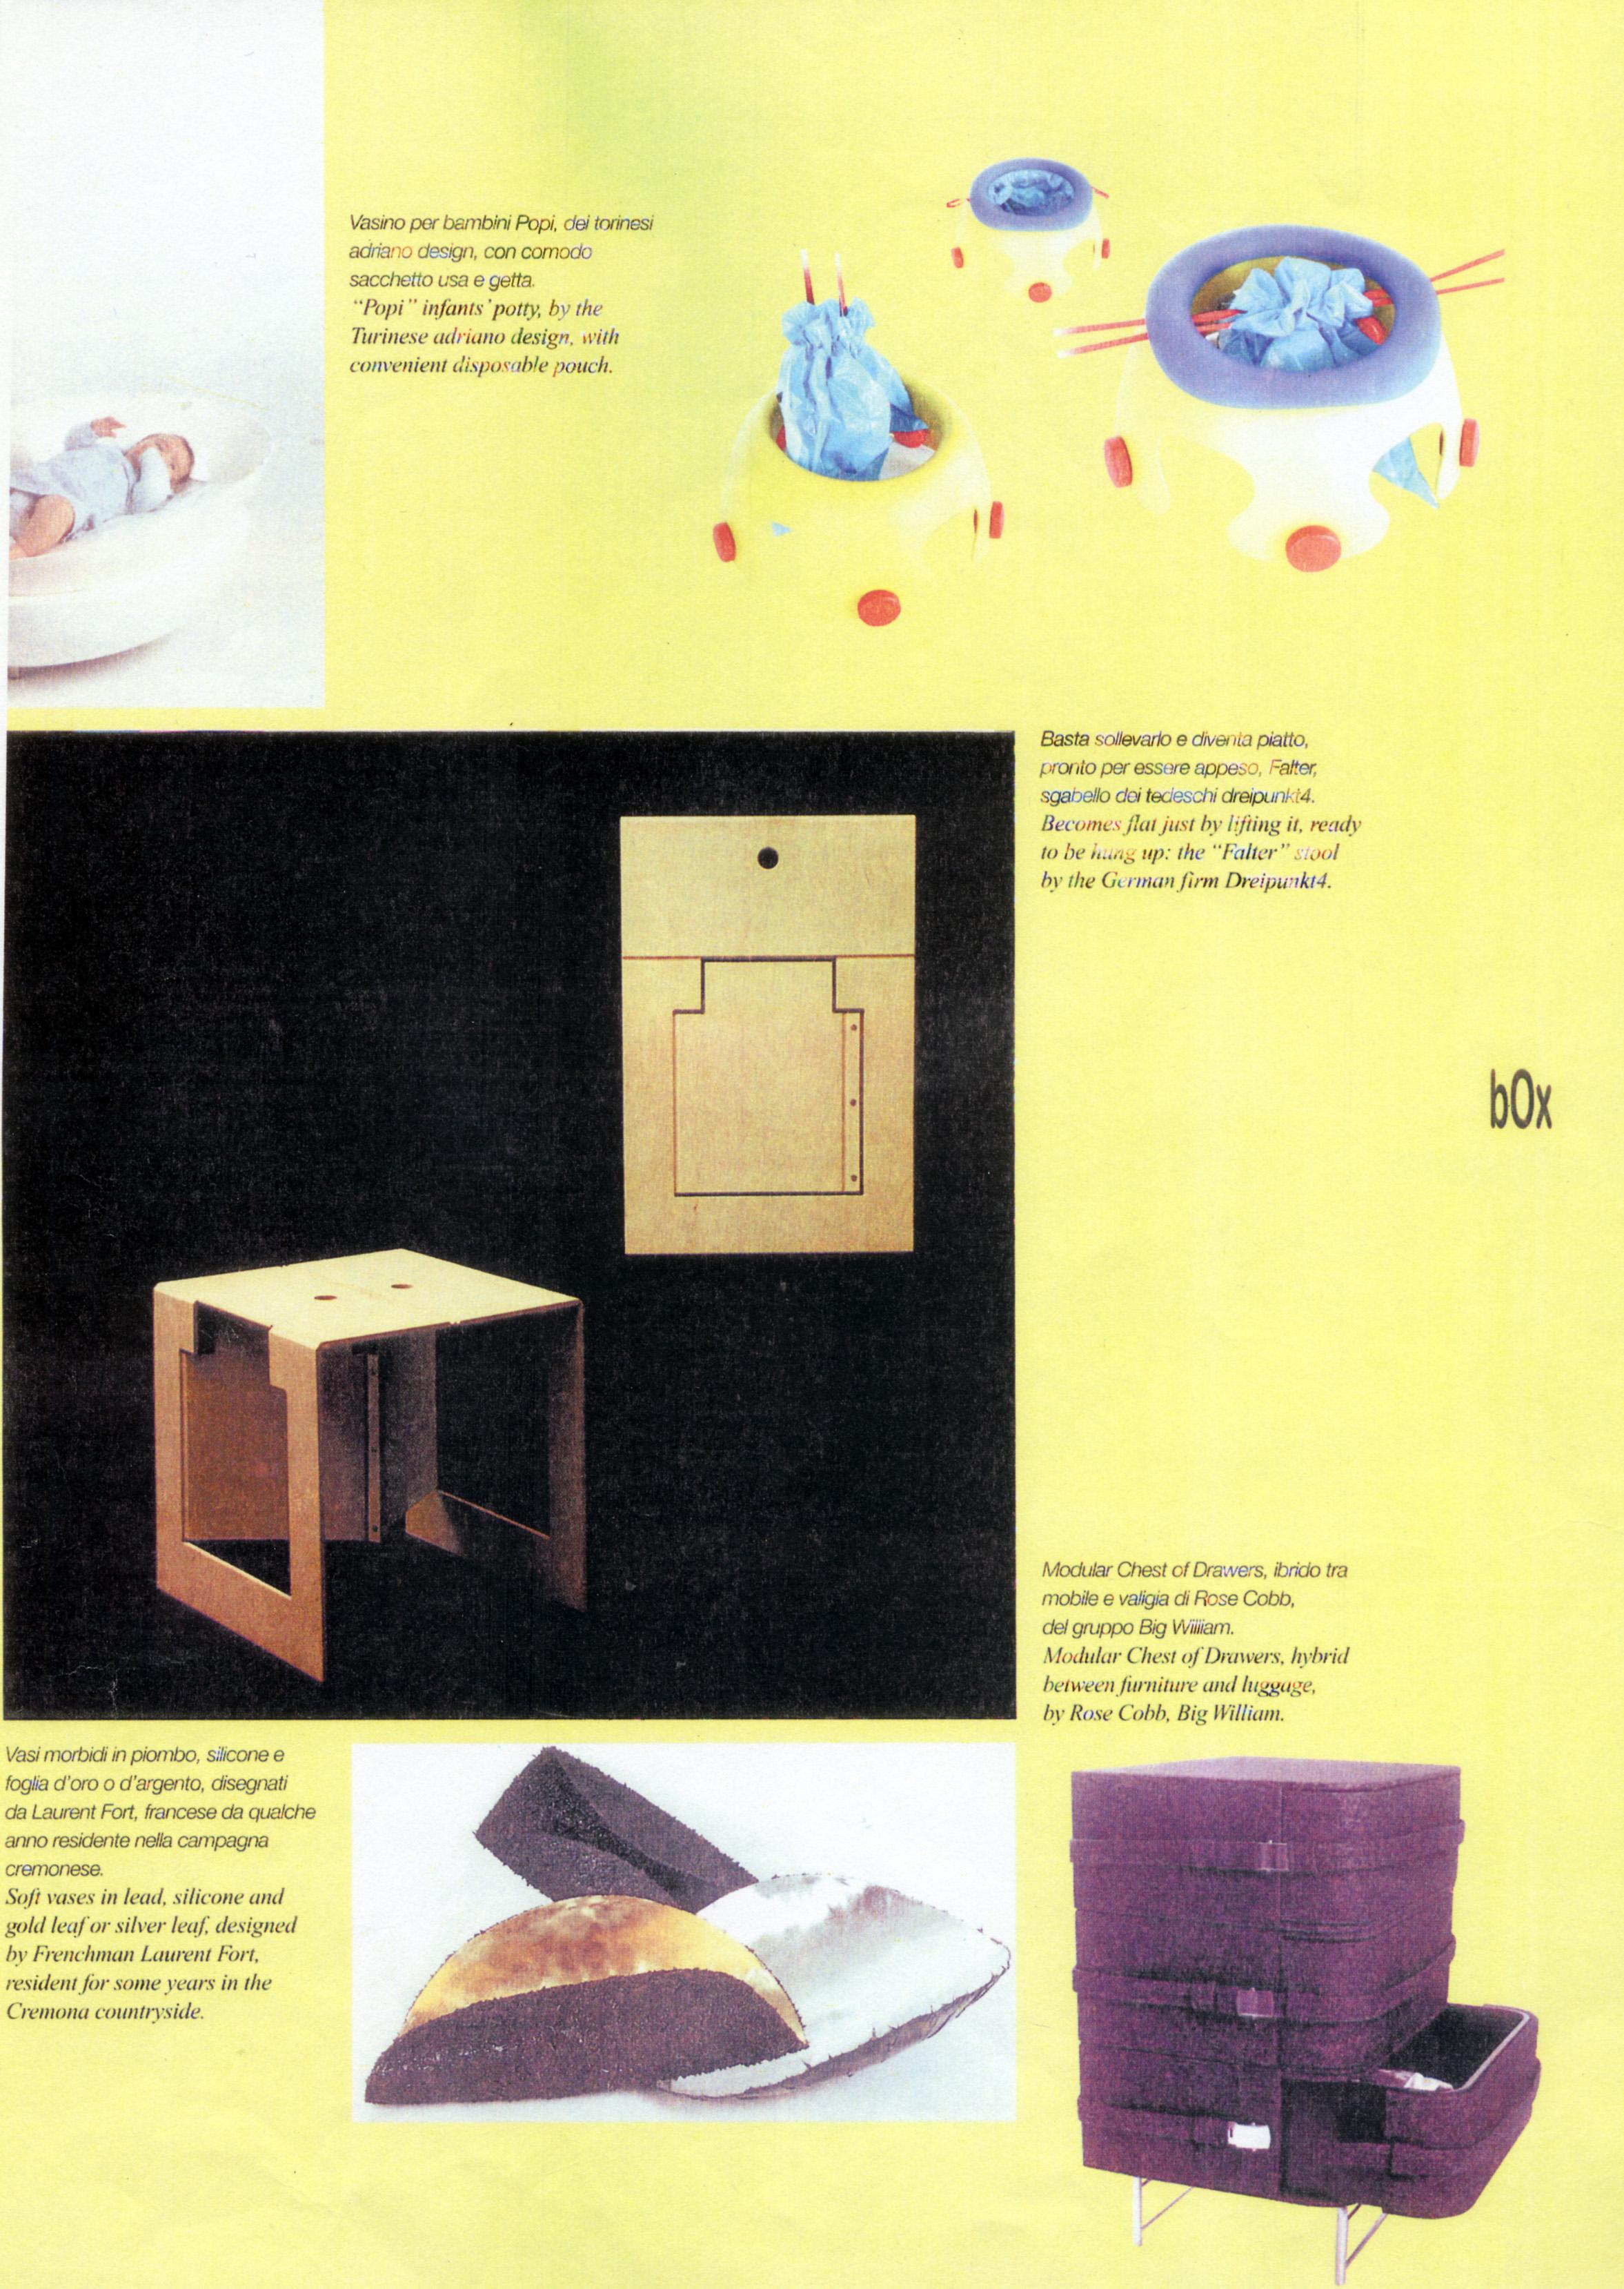 box+giugno02-1.JPG